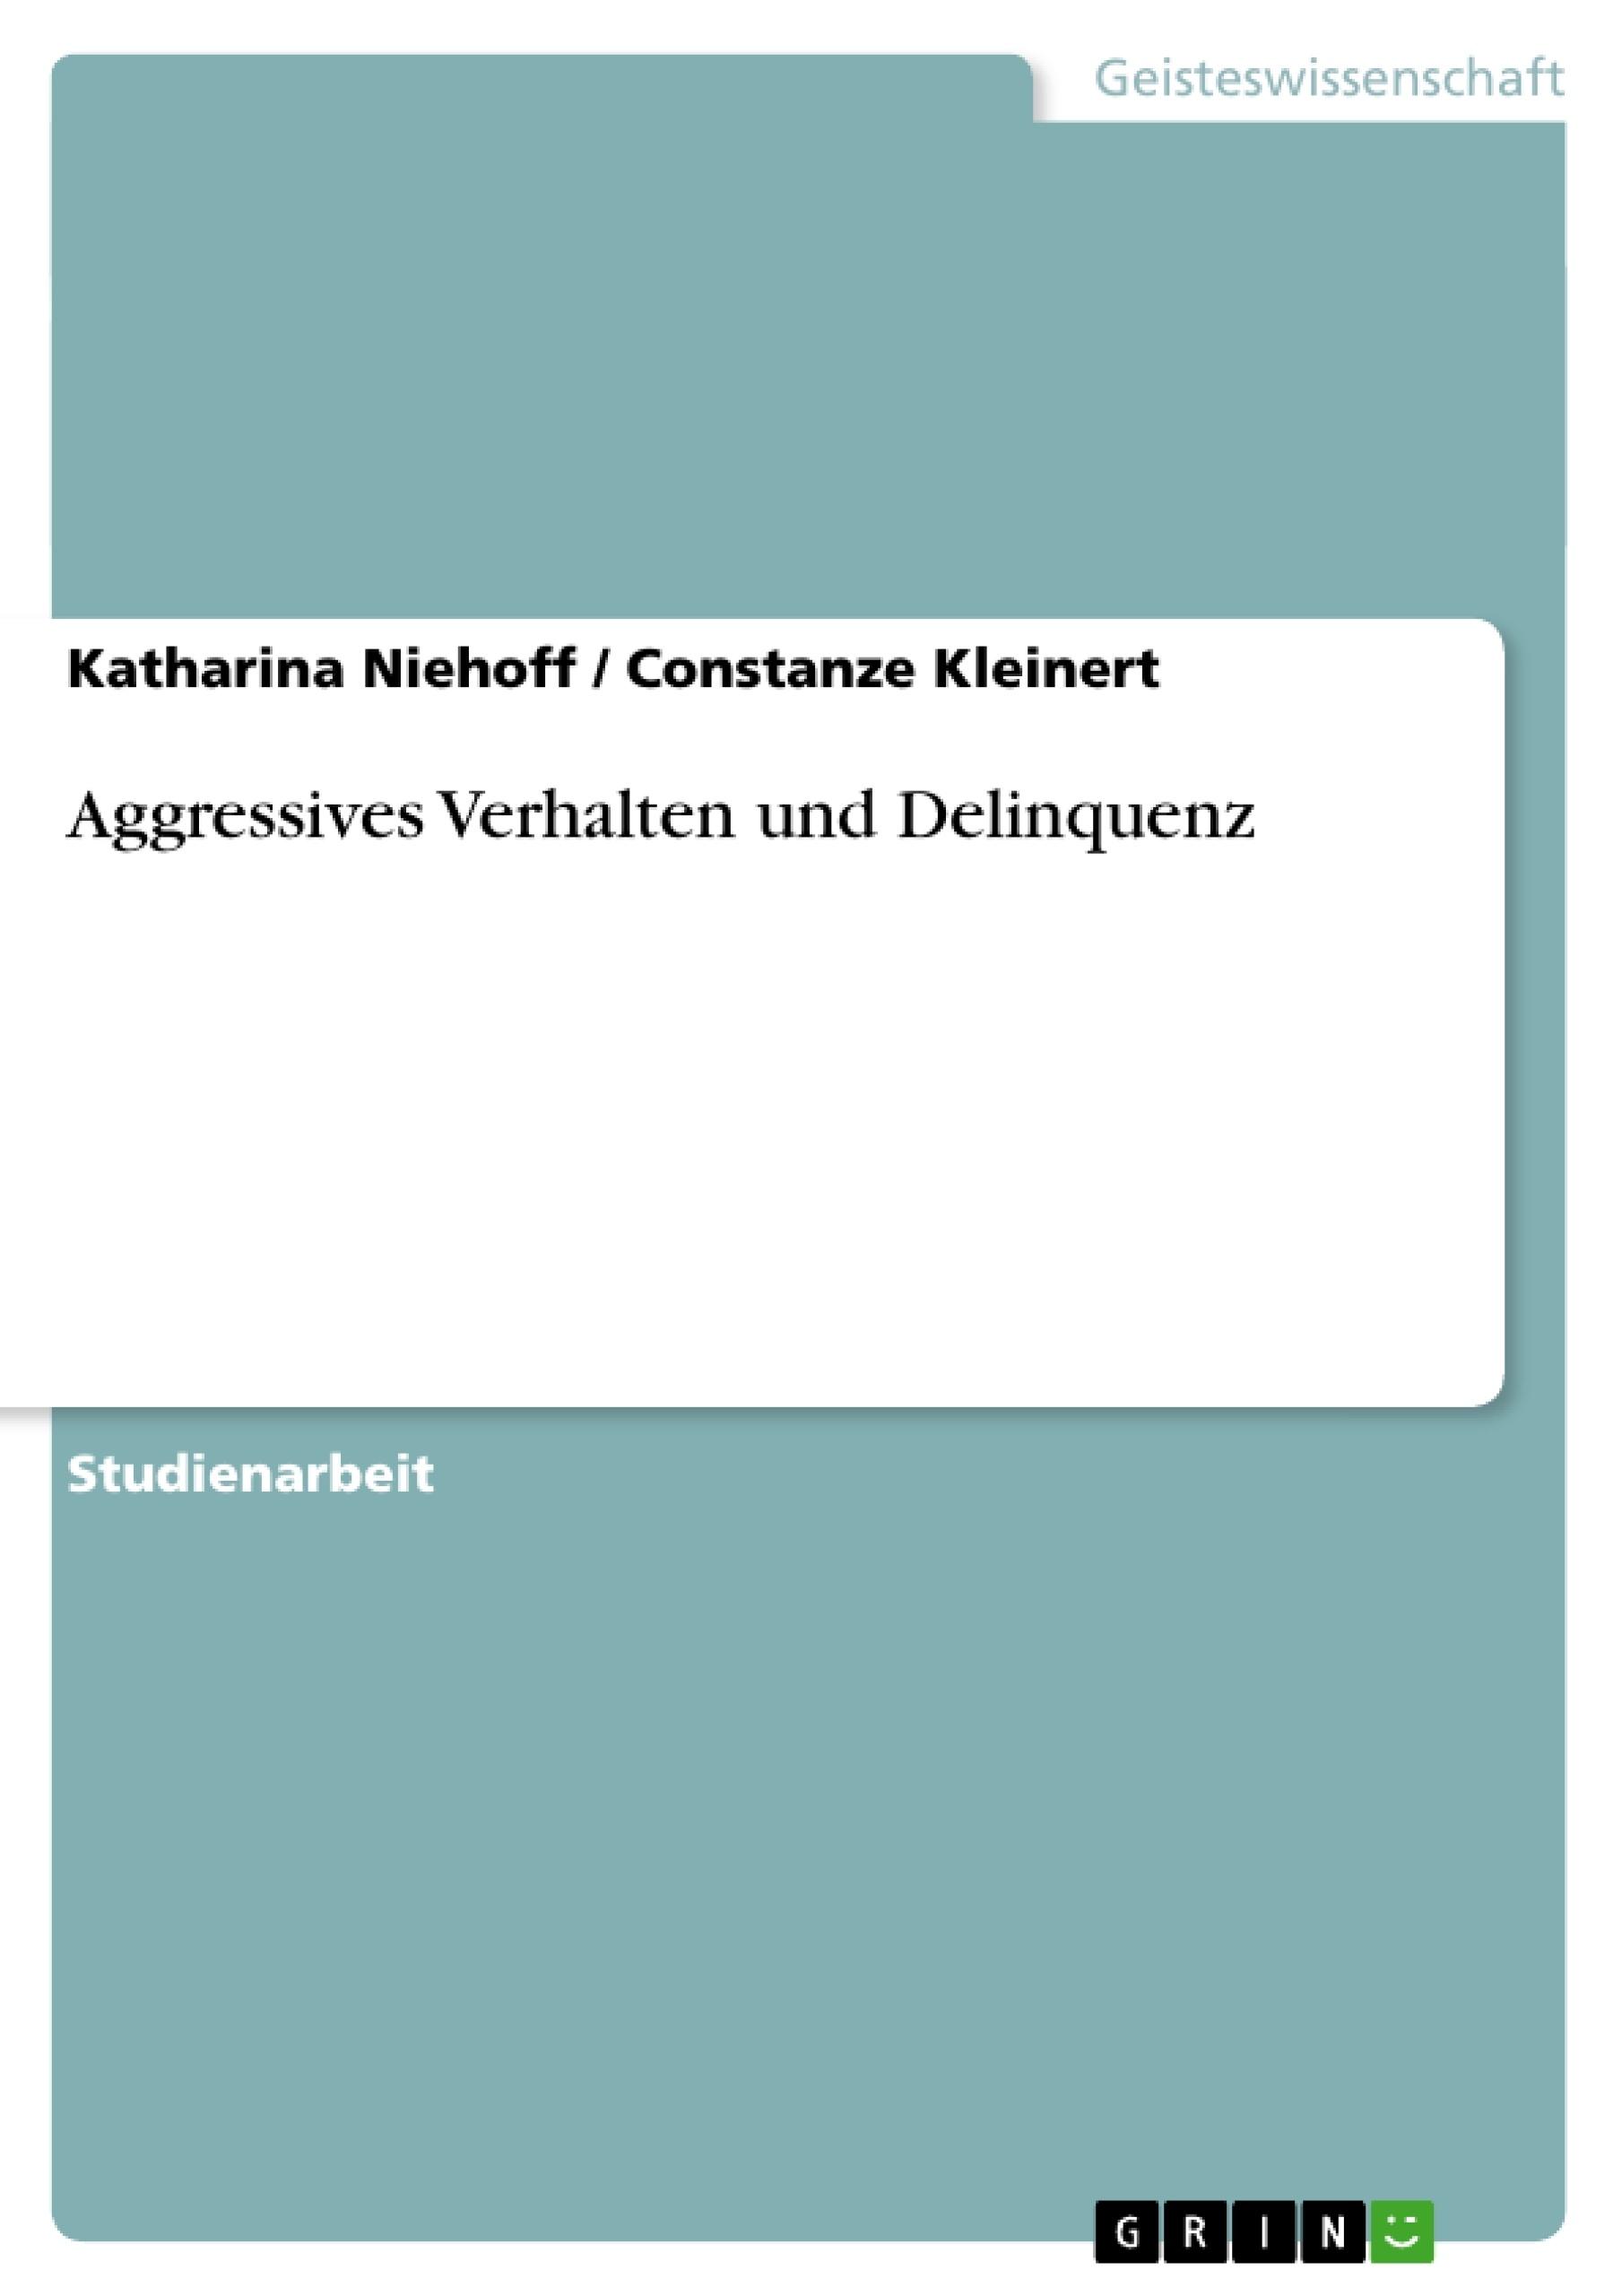 Titel: Aggressives Verhalten und Delinquenz